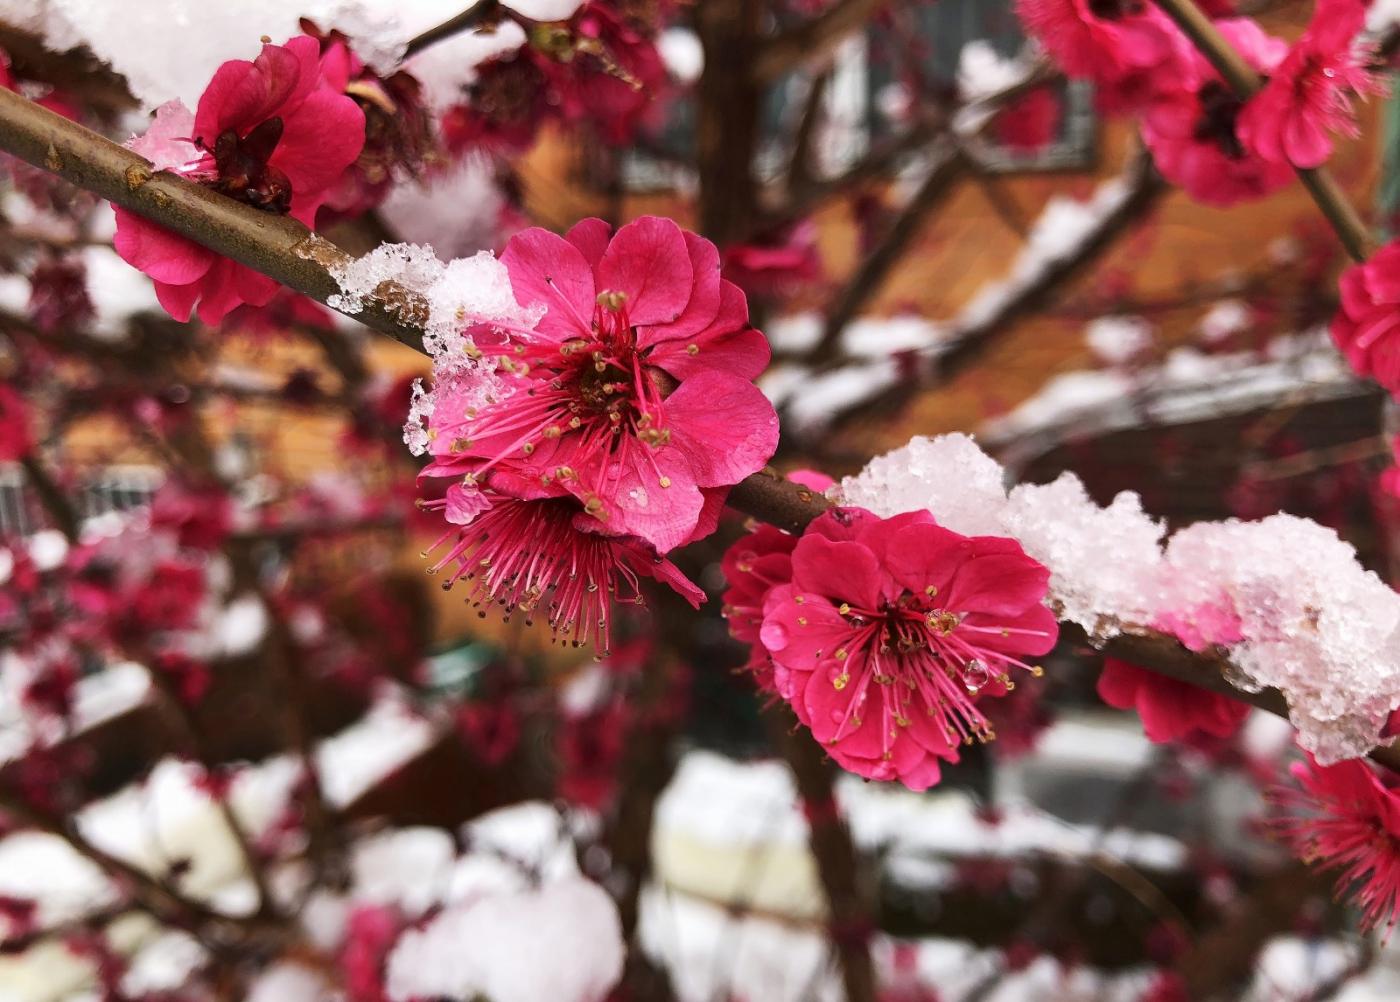 【田螺手机摄影】今早下雪去拍梅花_图1-18